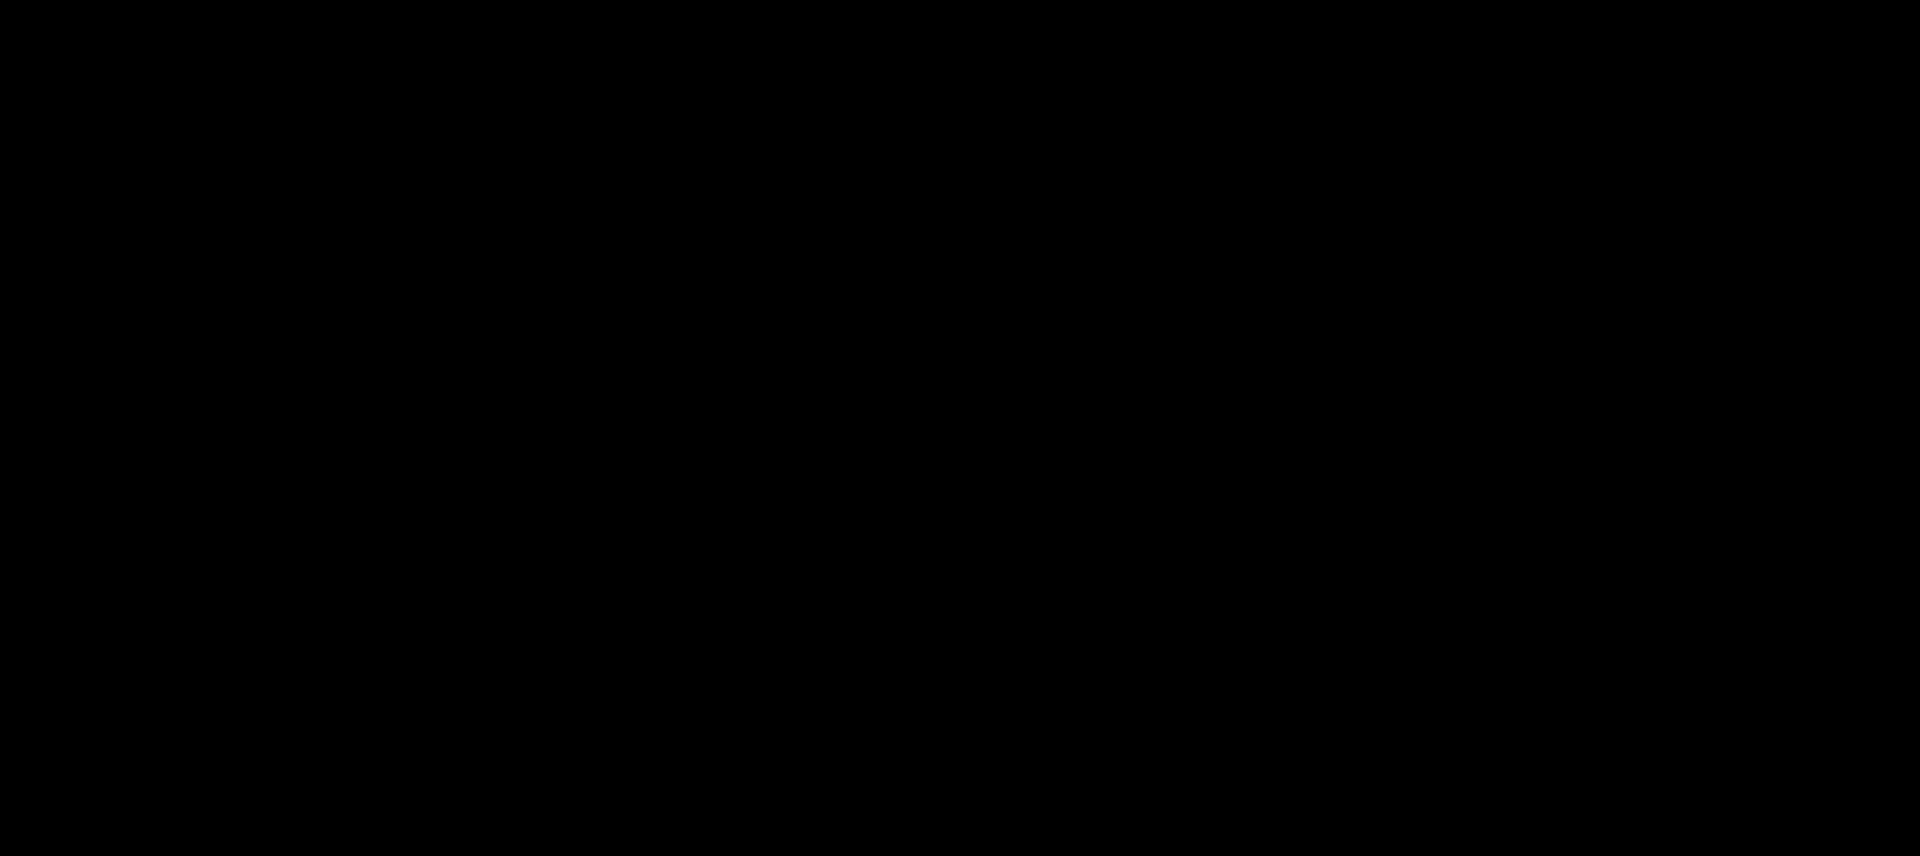 2fa2634b 7b02 4566 8339 17cb1d62f130